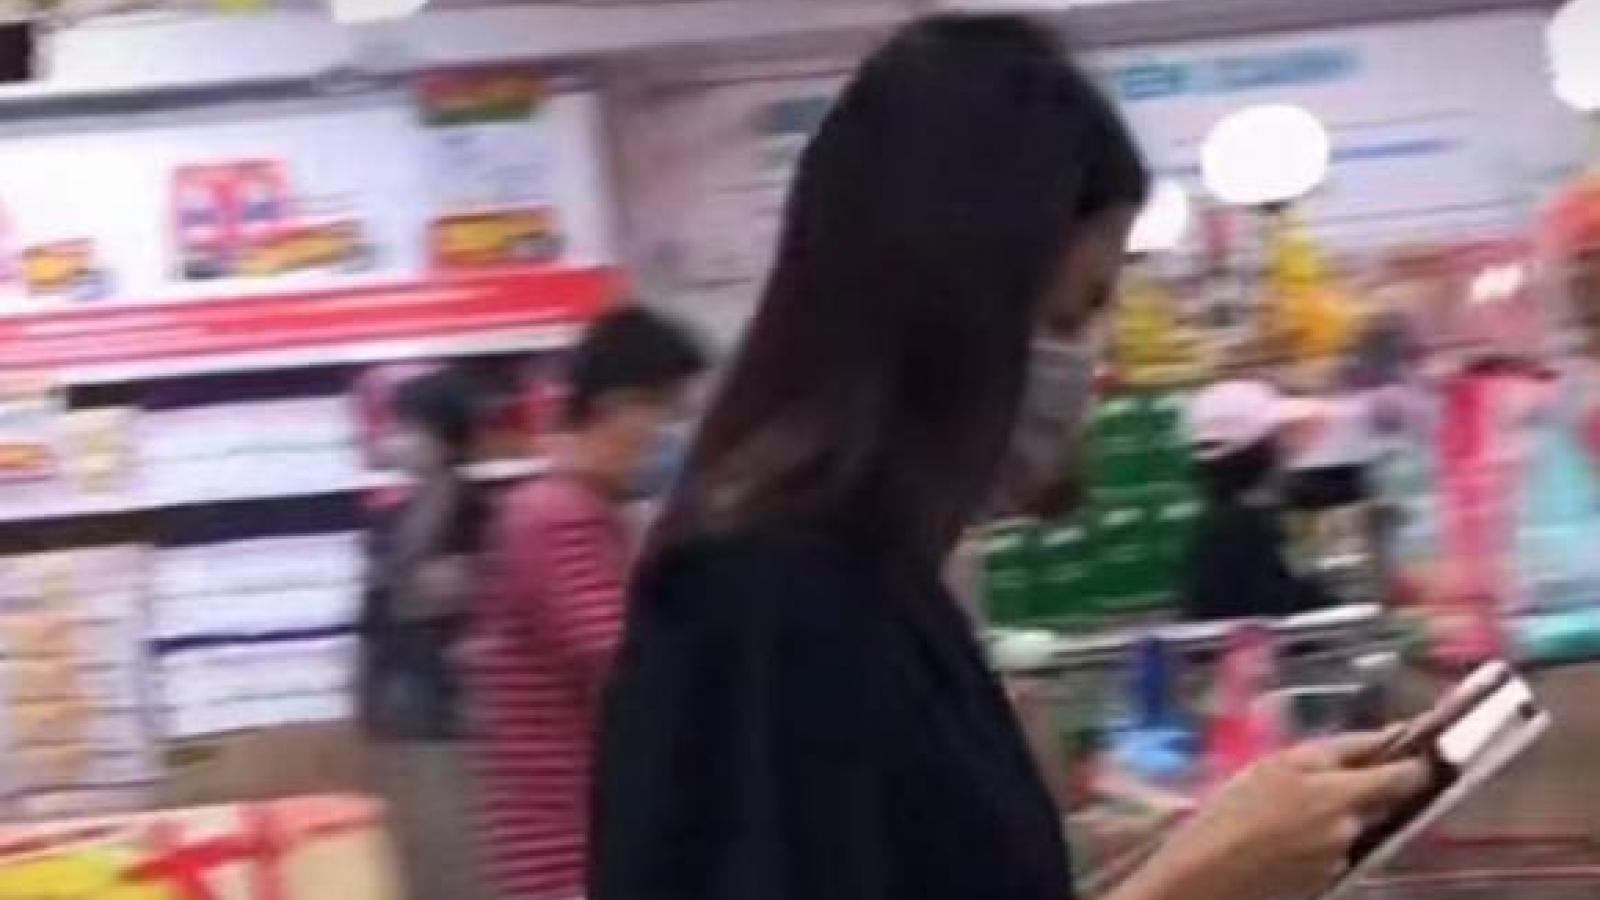 Chuyện showbiz: Nhan sắc Tăng Thanh Hà nổi bật dưới ống kính của 'người qua đường'